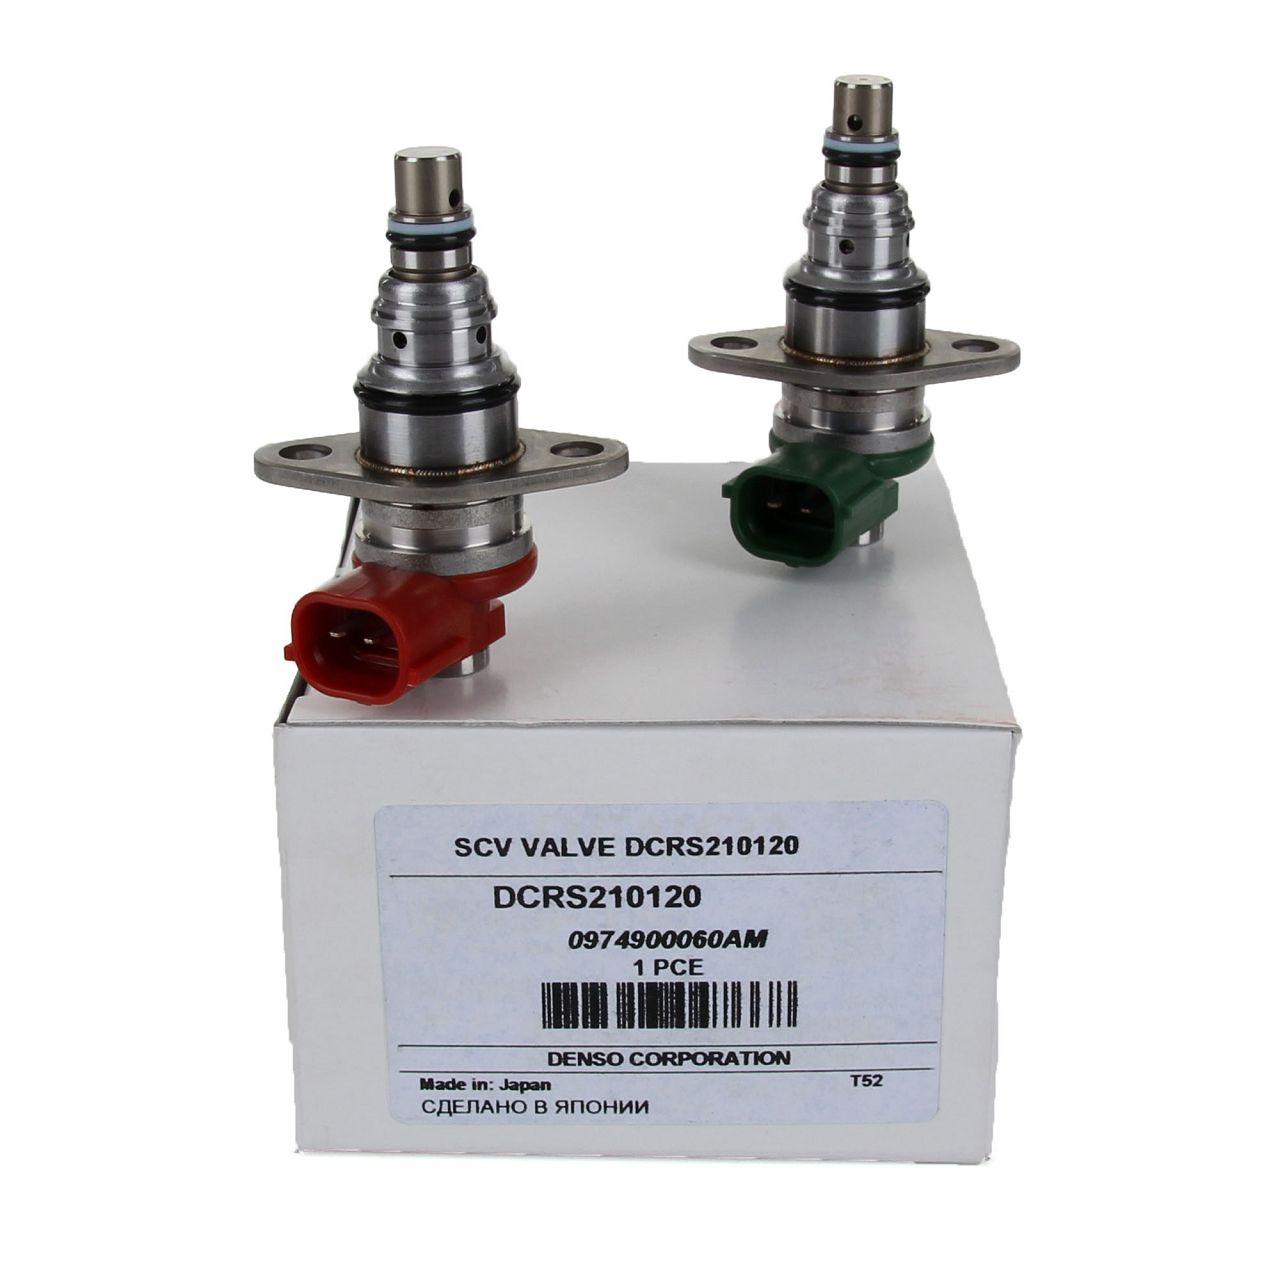 DENSO Druckregelventil Druckregler Steuerventil Magnetventil SET DCRS210120